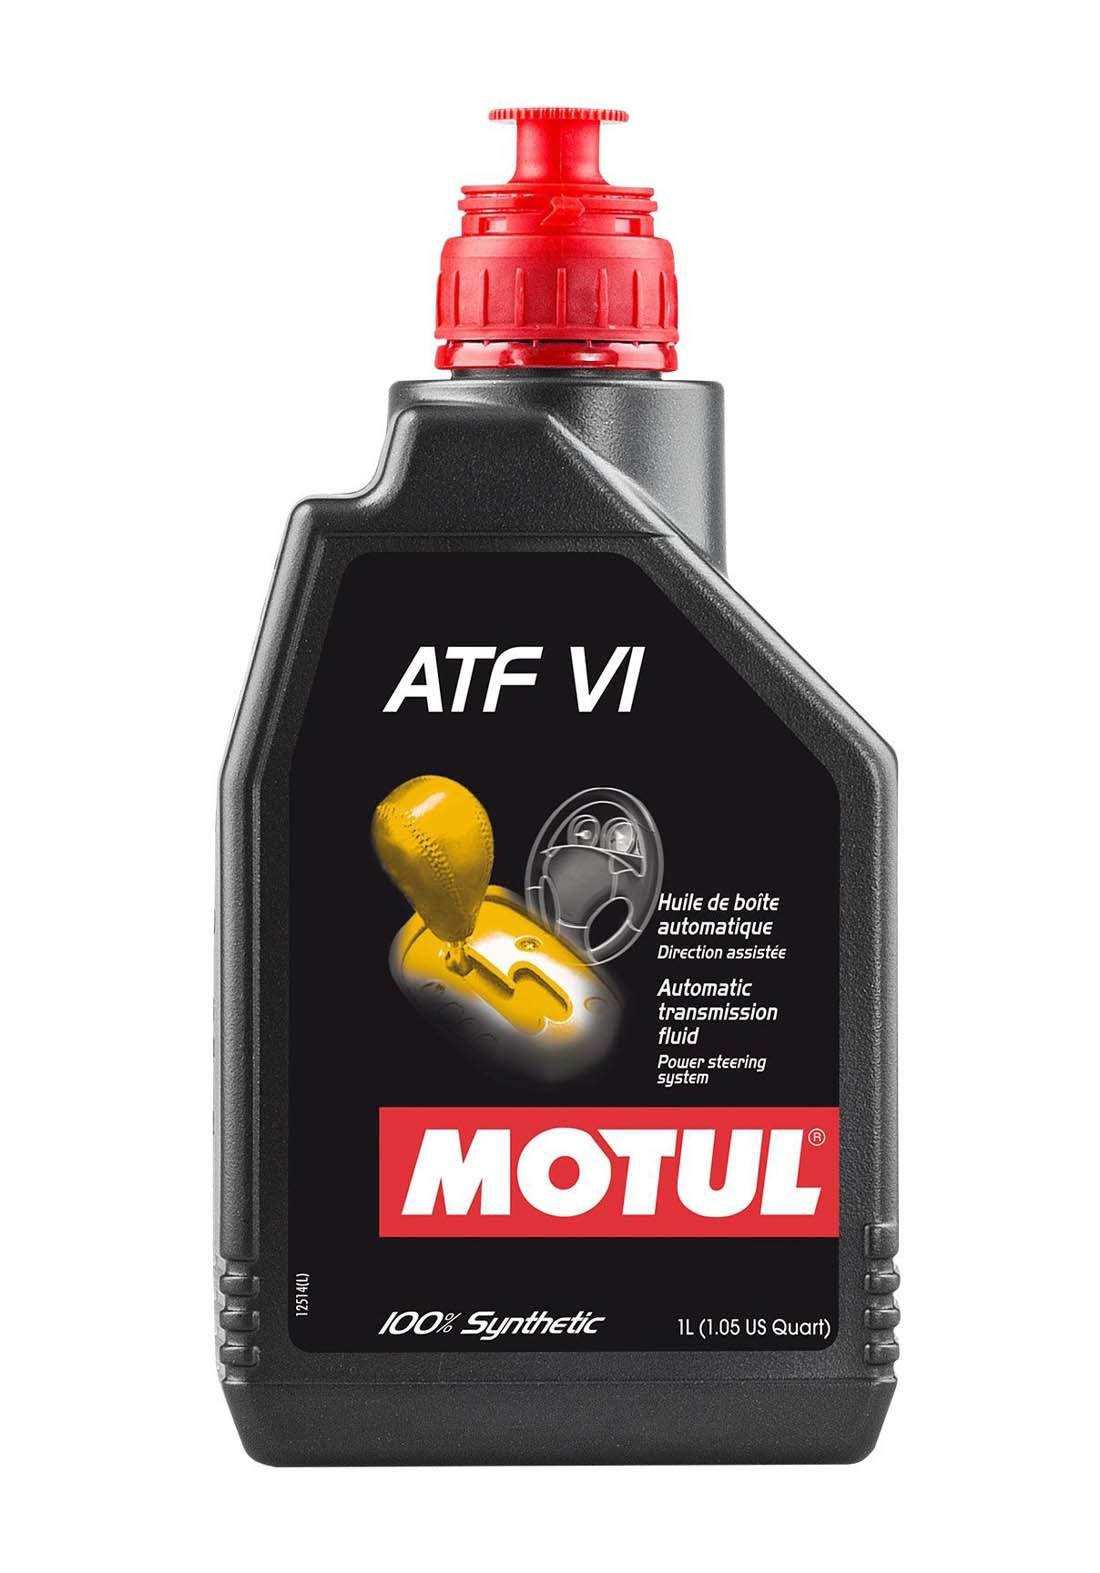 Motul ATF VI Low viscosity Automatic Transmission Fluid 1 L زيت لناقل الحركة